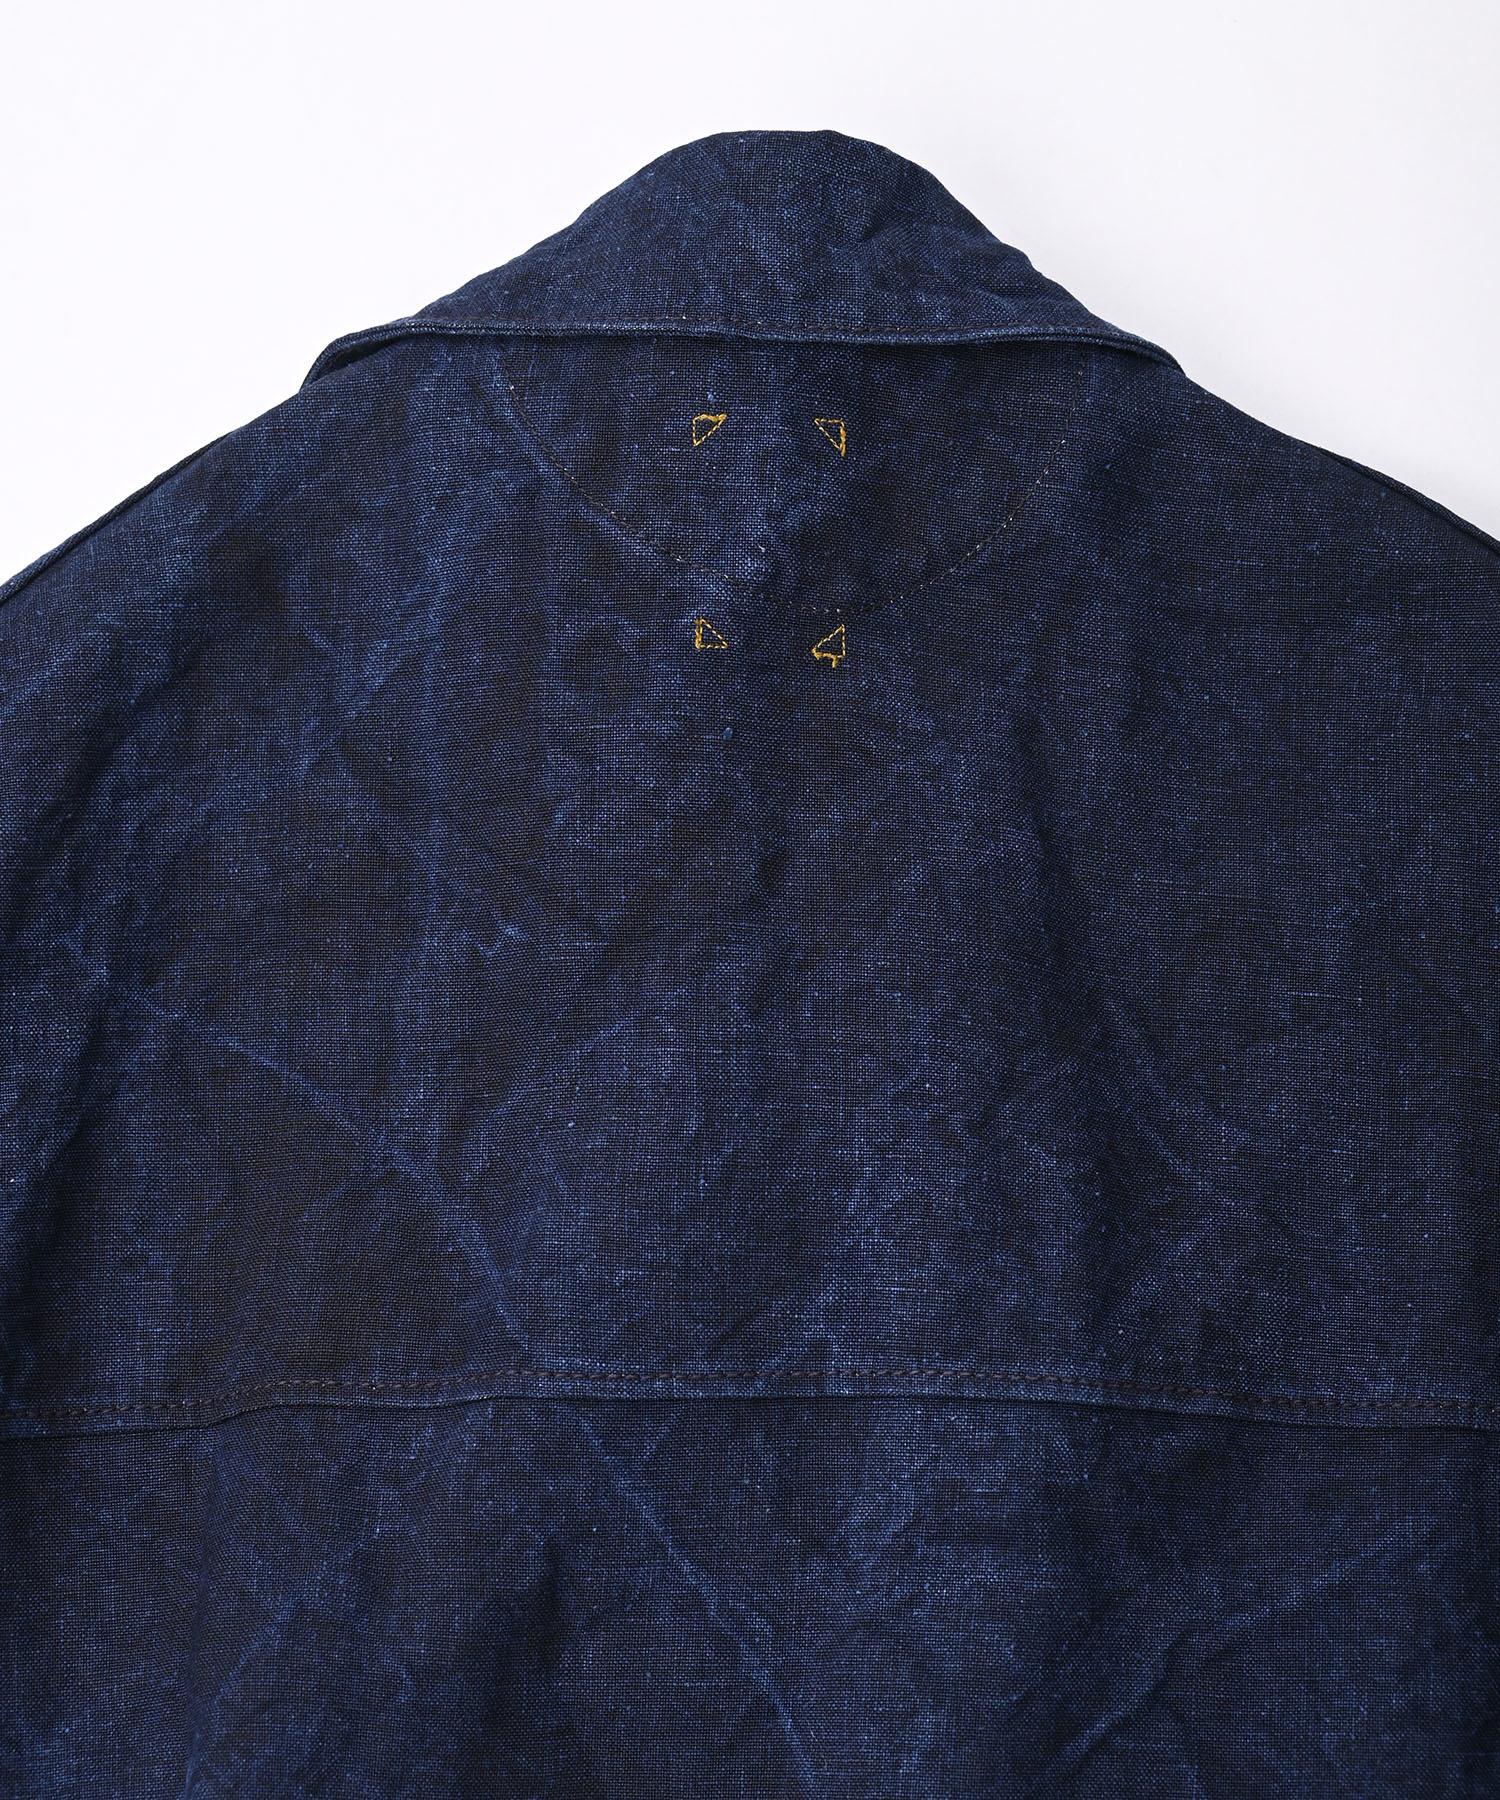 Indigo Linen Duck 908 Asama Coverall (0421)-9